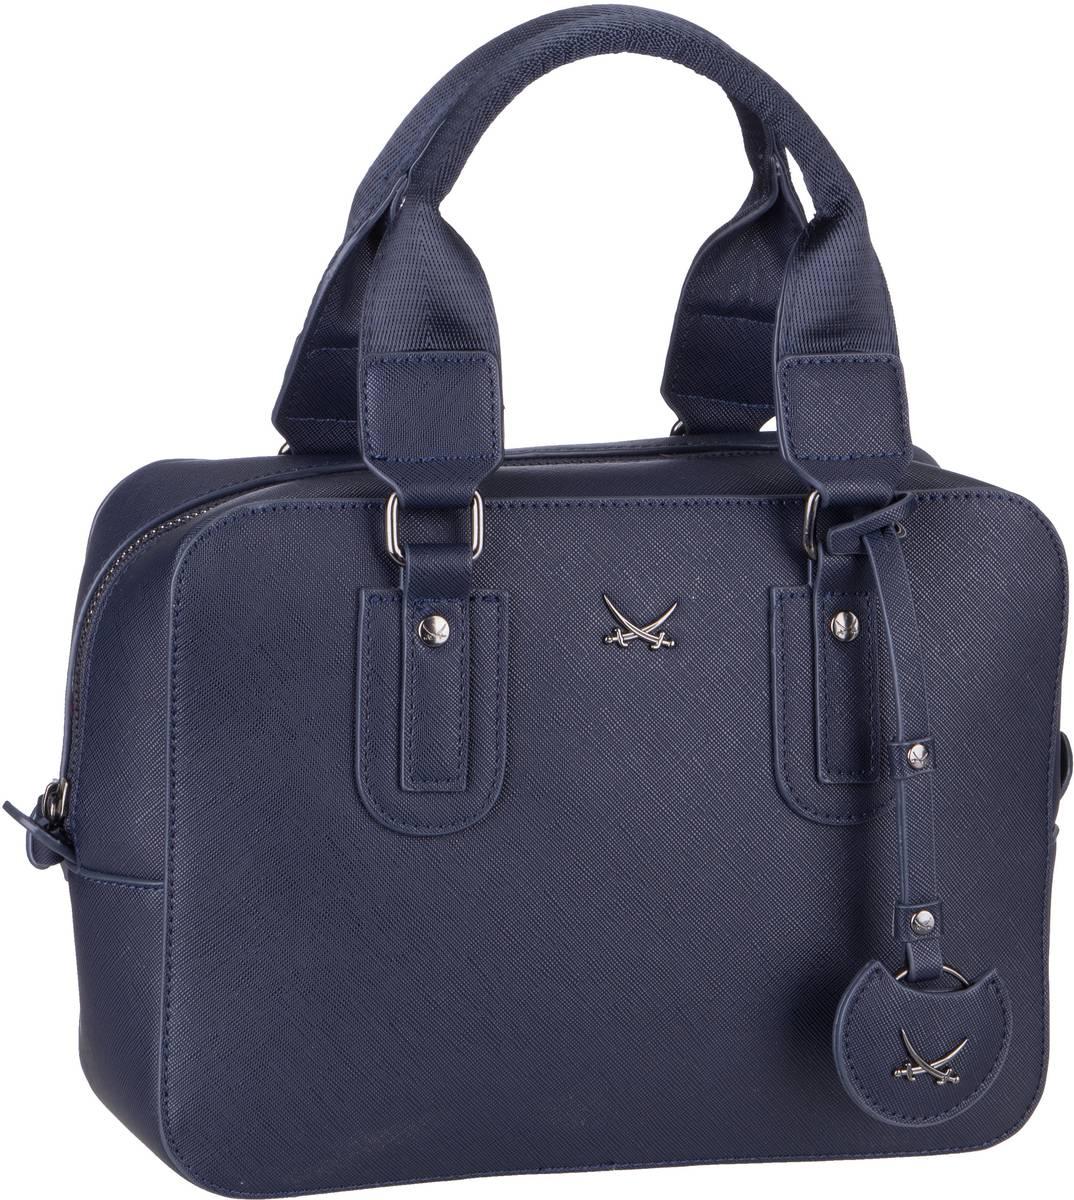 Handtasche Bowling Bag 1331 Midnight Blue